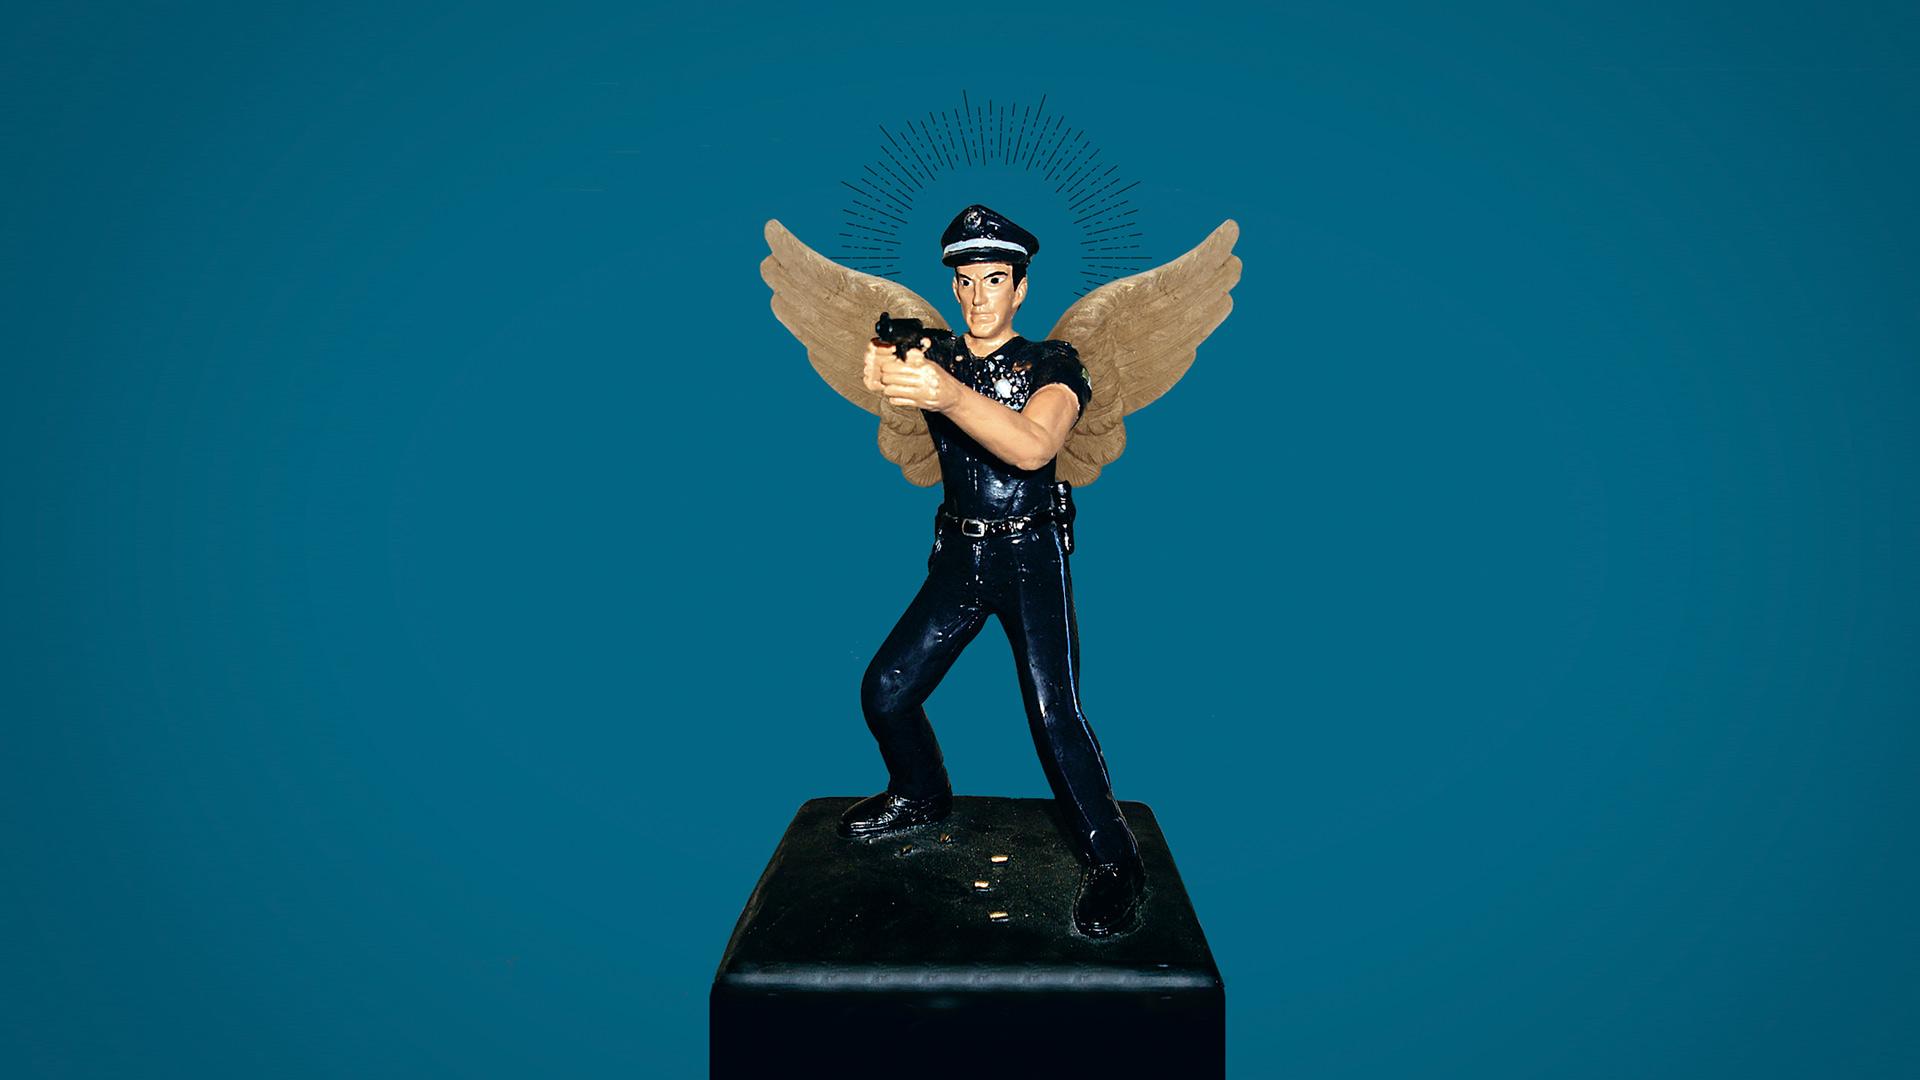 El-heroismo-y-la-policia_01_port